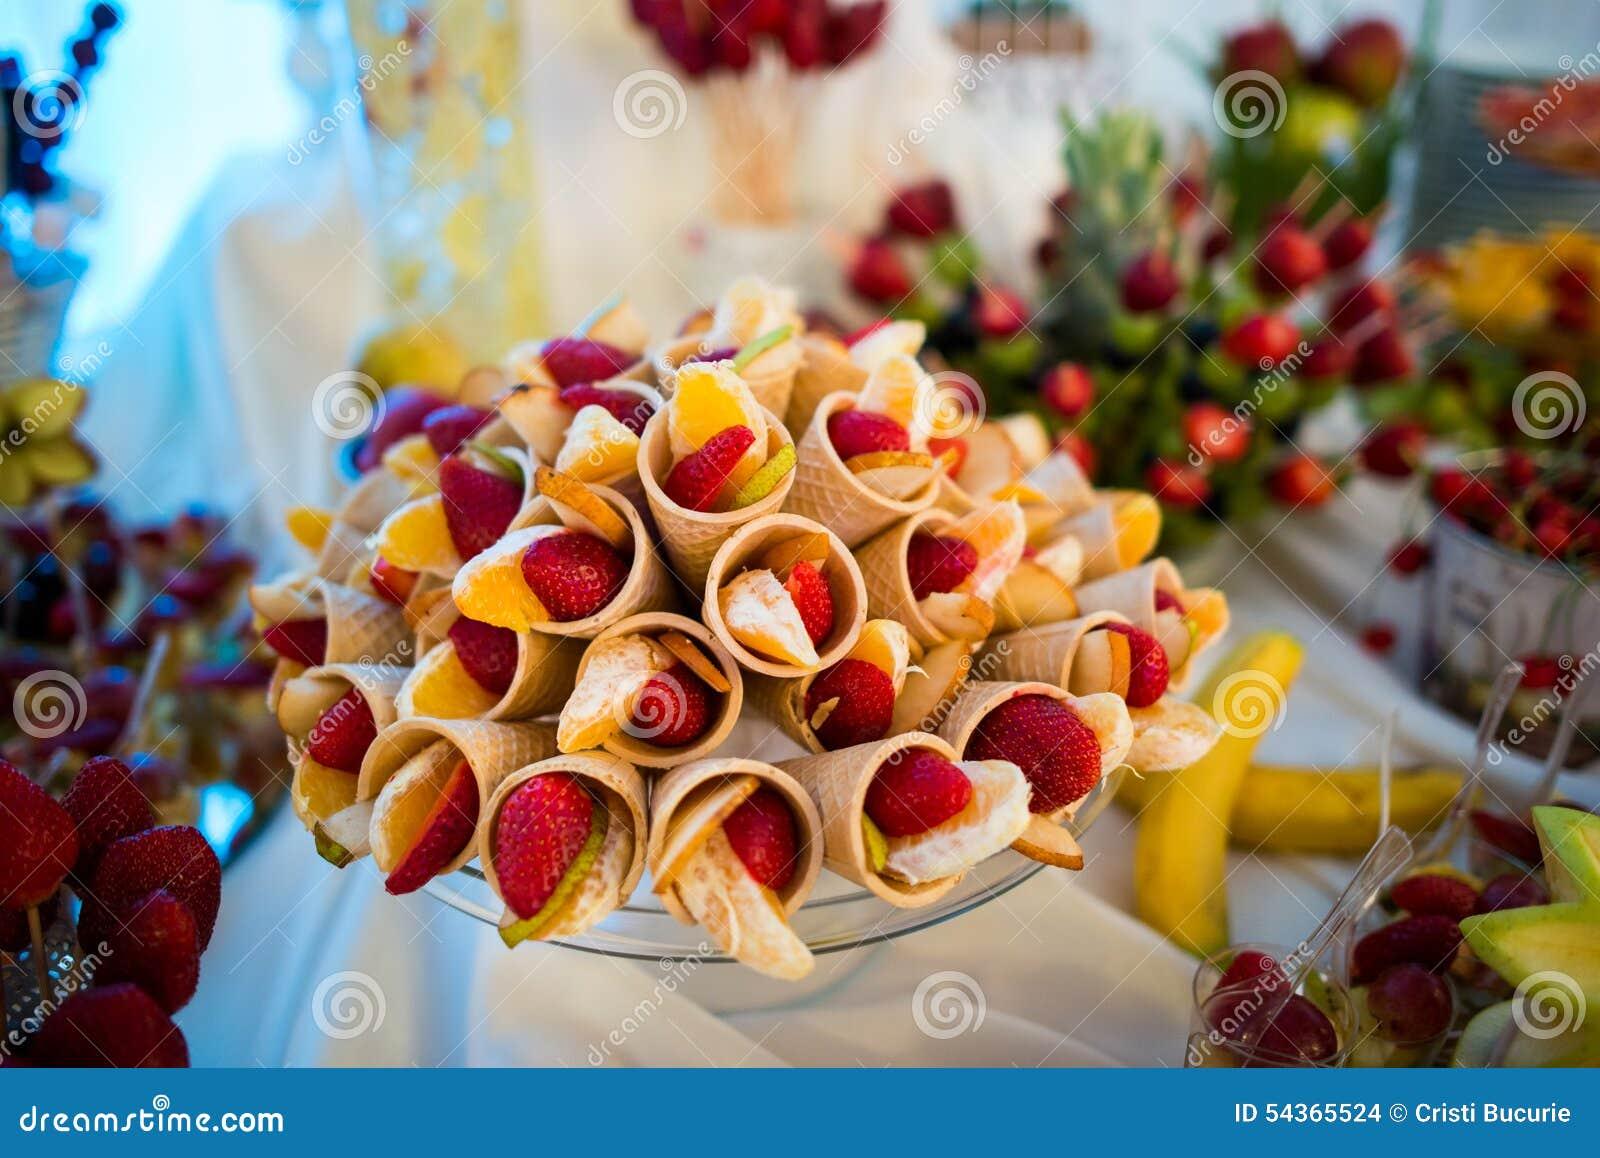 Fruchtstange